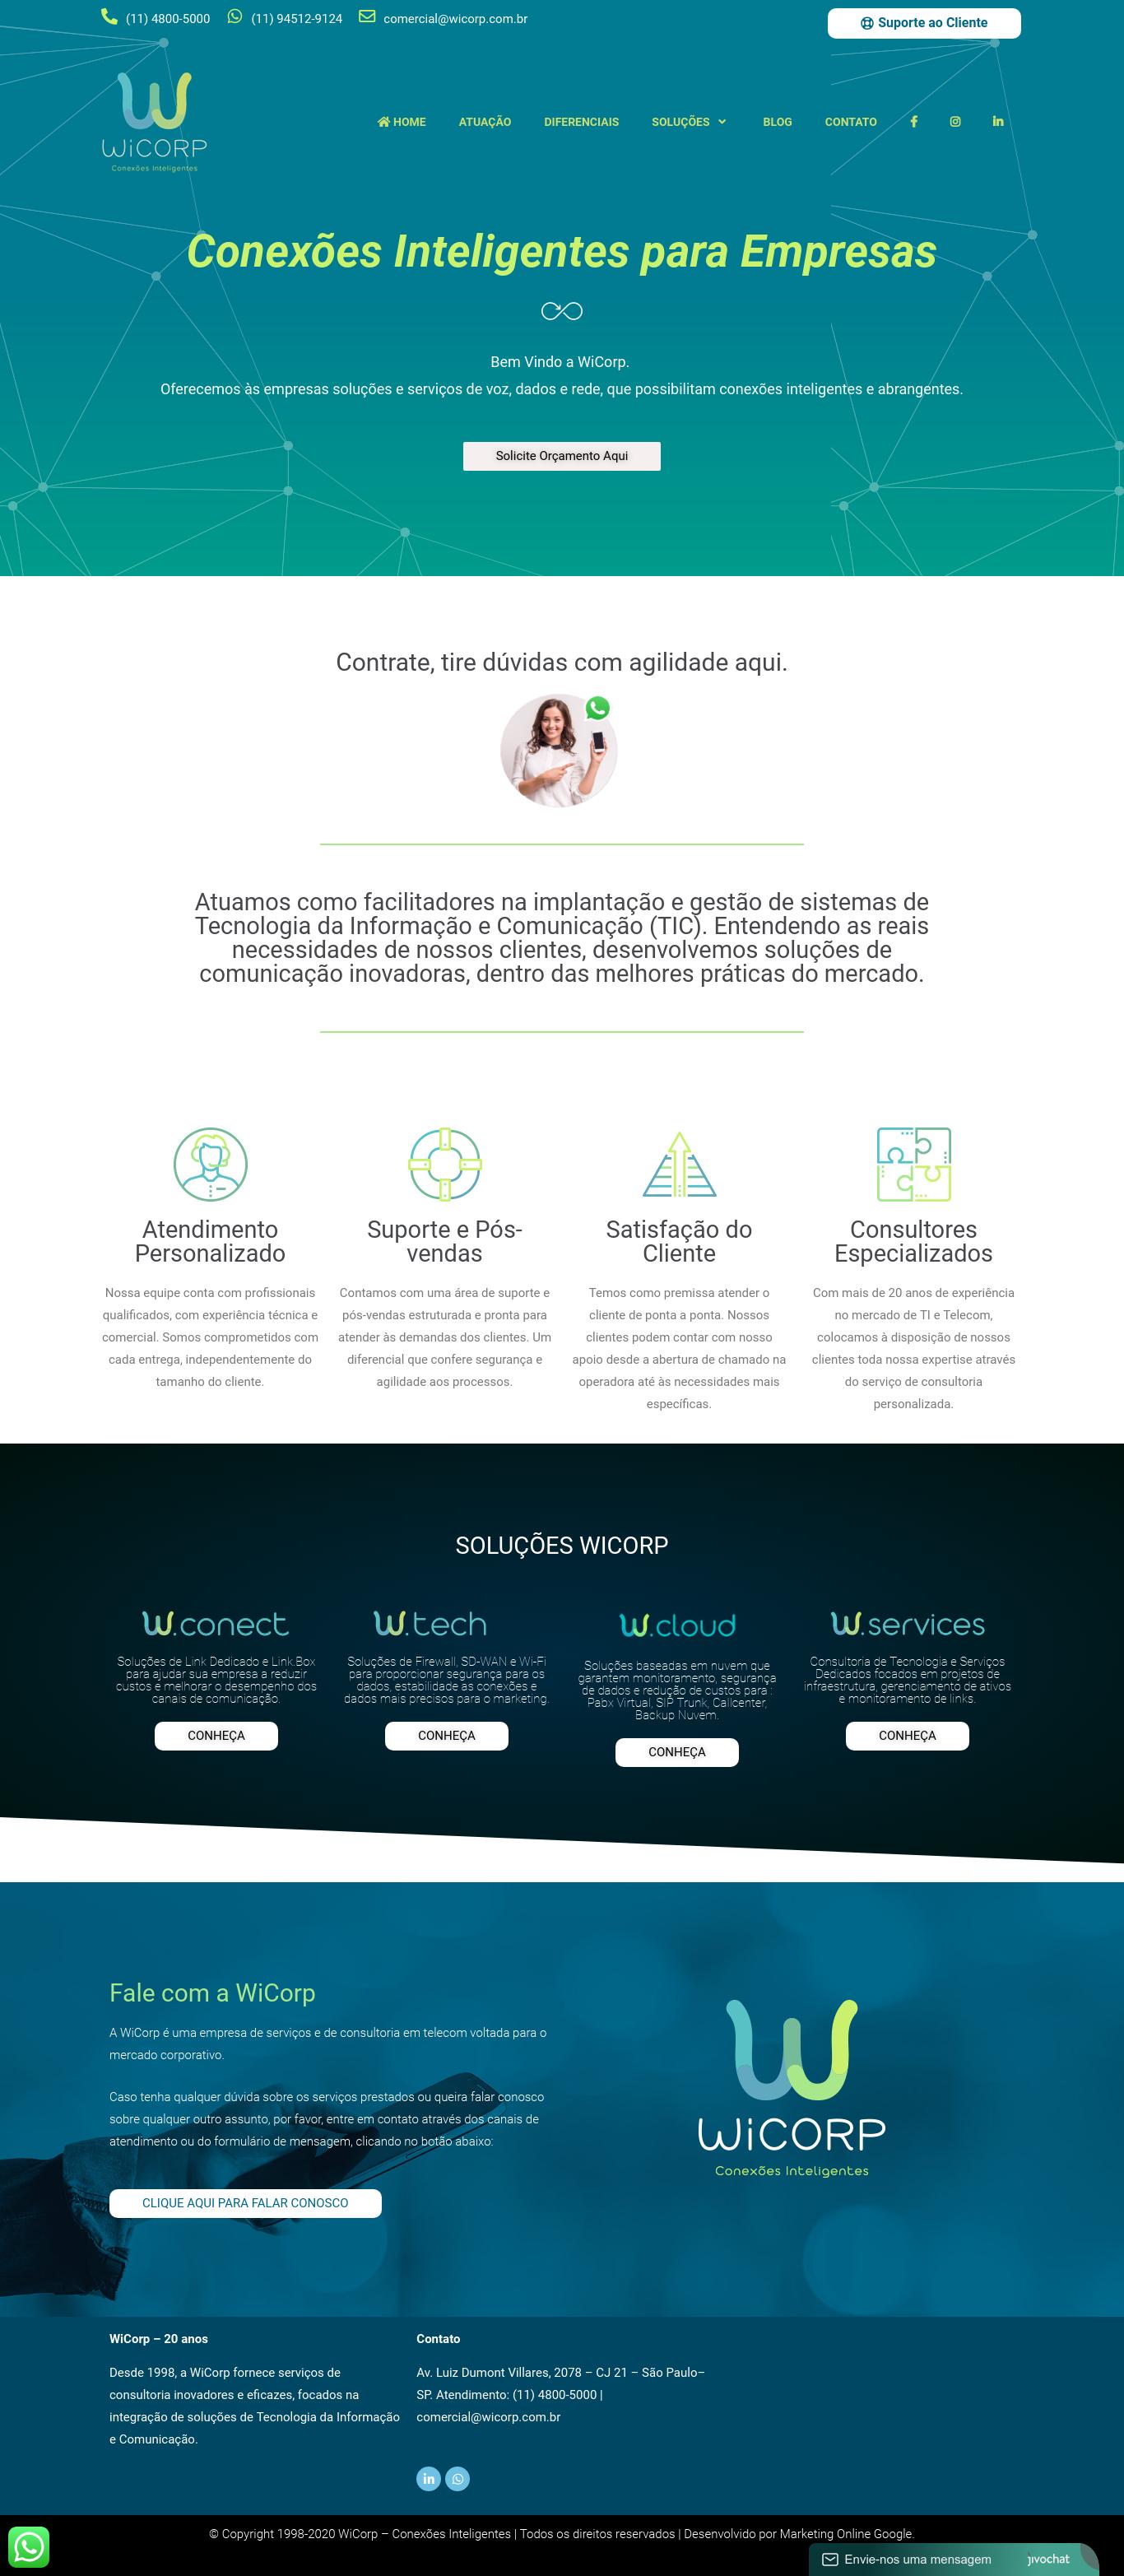 Wicorp - Serviço Corporativo para Pabx na Nuvem, Link dedicado,Firewall, Telecom